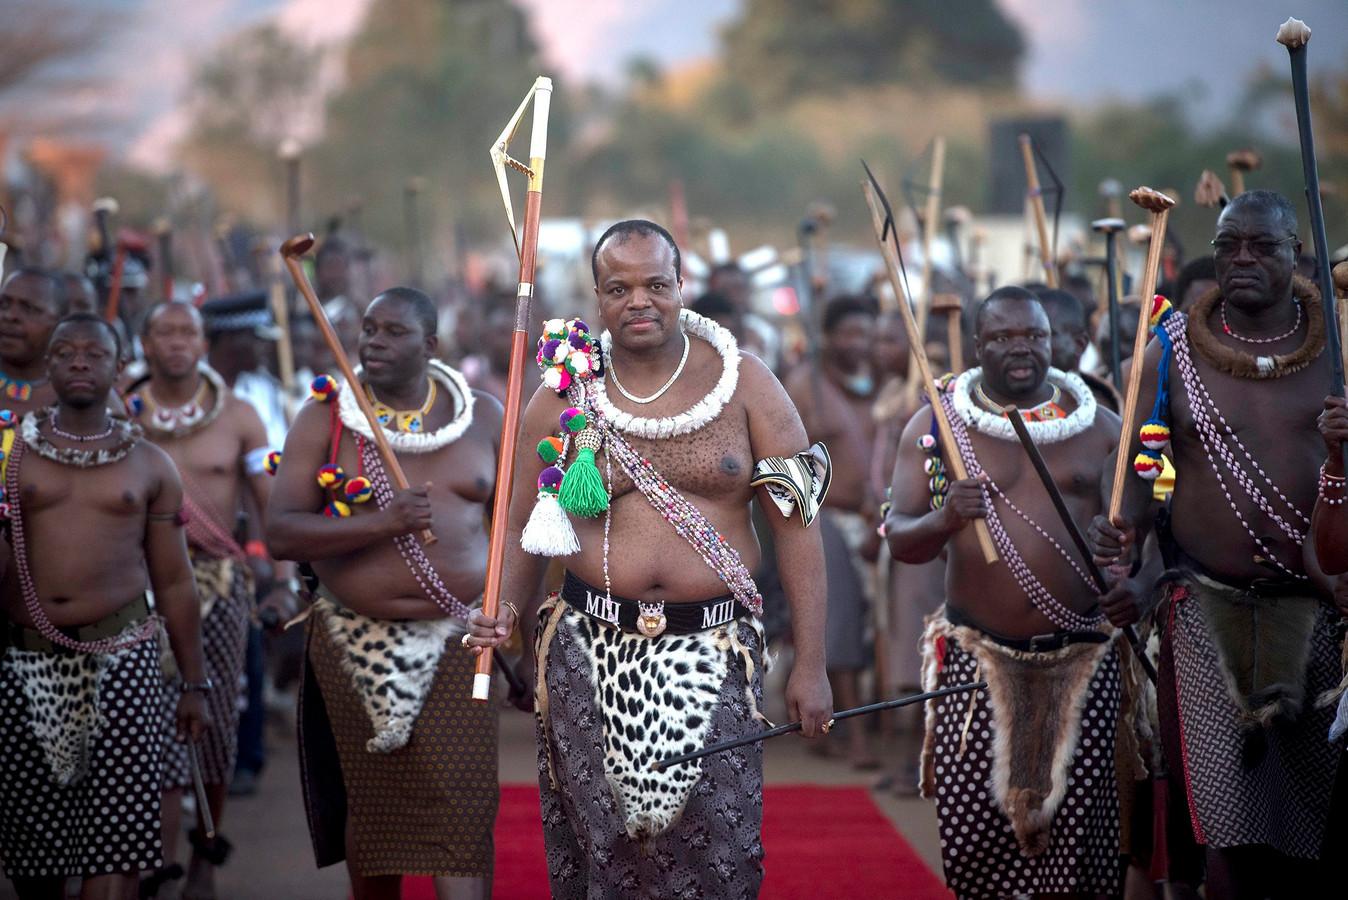 Koning Mswati III leidt de ceremonie op de jaarlijkse Rietdans waarbij ongehuwde en kinderloze vrouwen van het land vers gesneden riet aanbieden aan de vorst. Alleen meisjes en vrouwen die nog maagd zijn mogen meedoen. Foto EPA